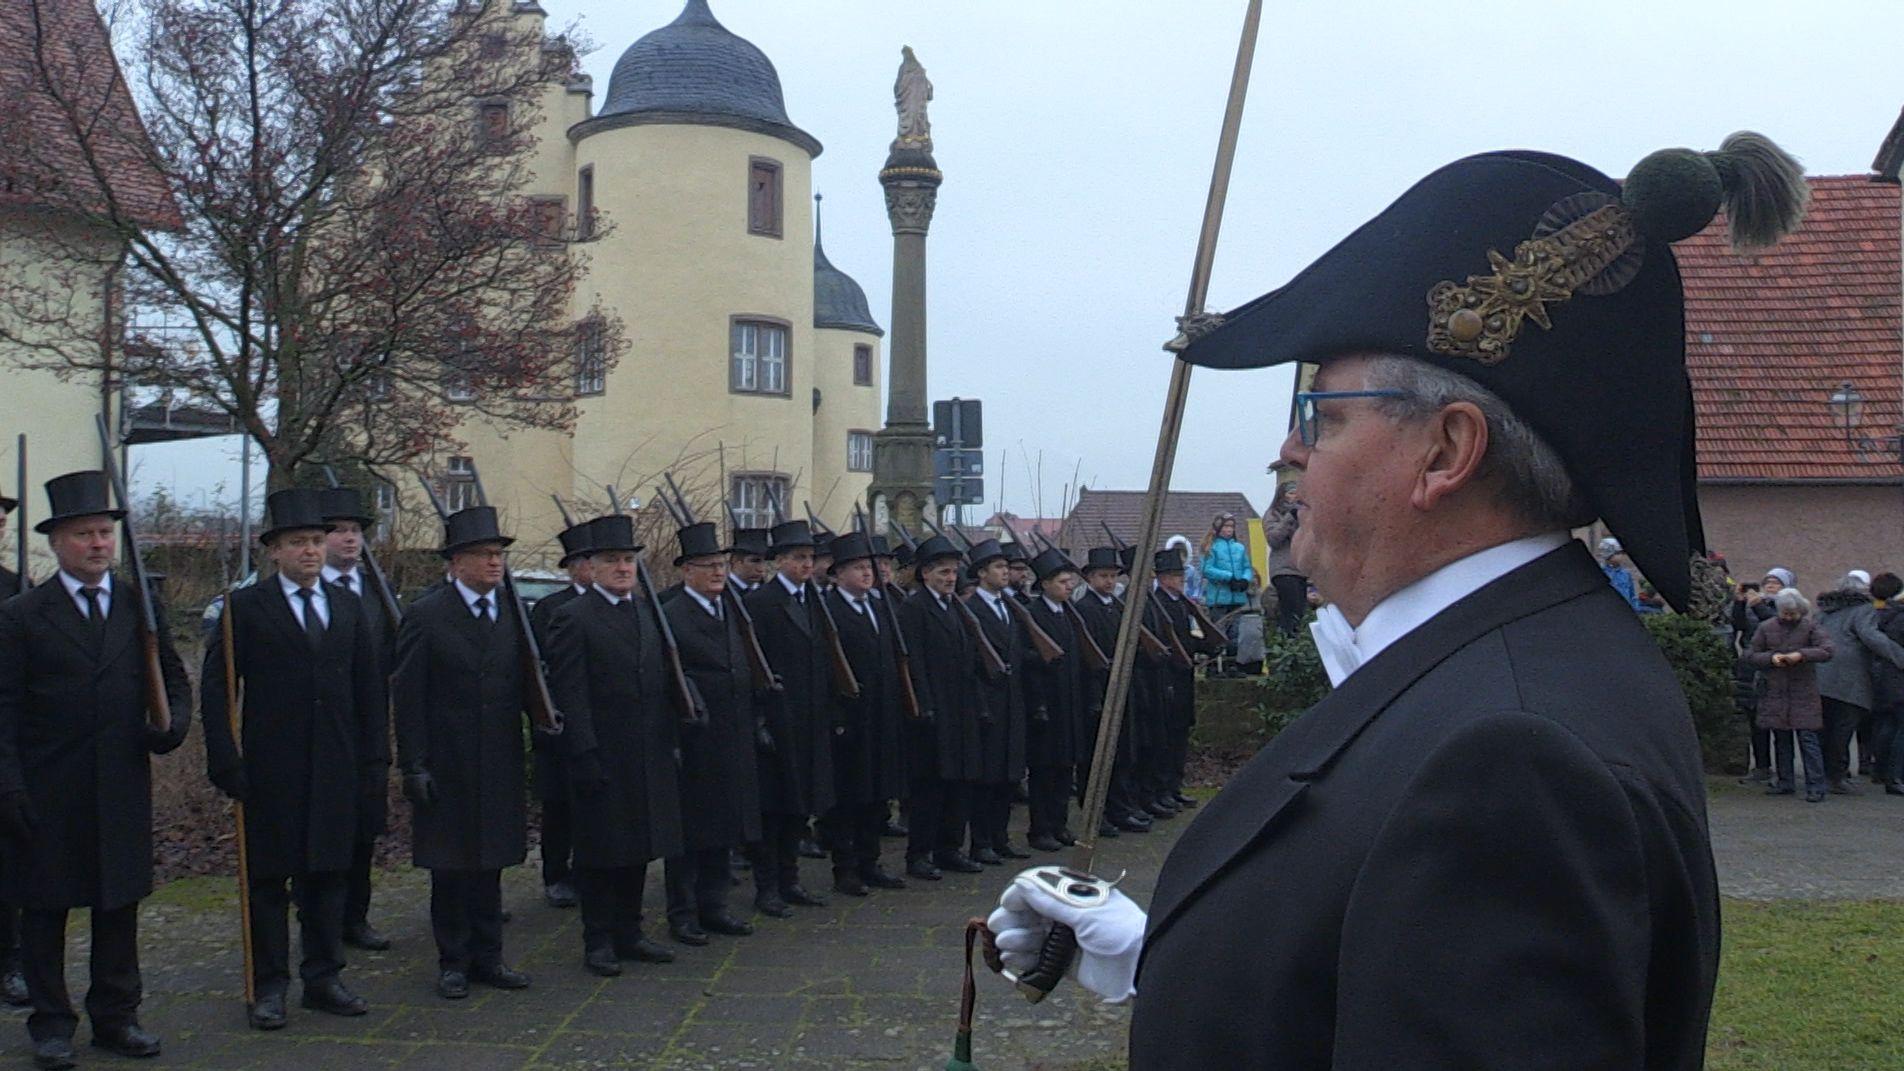 Die Oberschwarzacher Bürgerwehr ist traditionell in Frack und Zylinder gewandet mit ihren Holzgewehren vor ihrem Hauptmann Georg Wagner angetreten. Dieser grüßt mit dem Säbel.